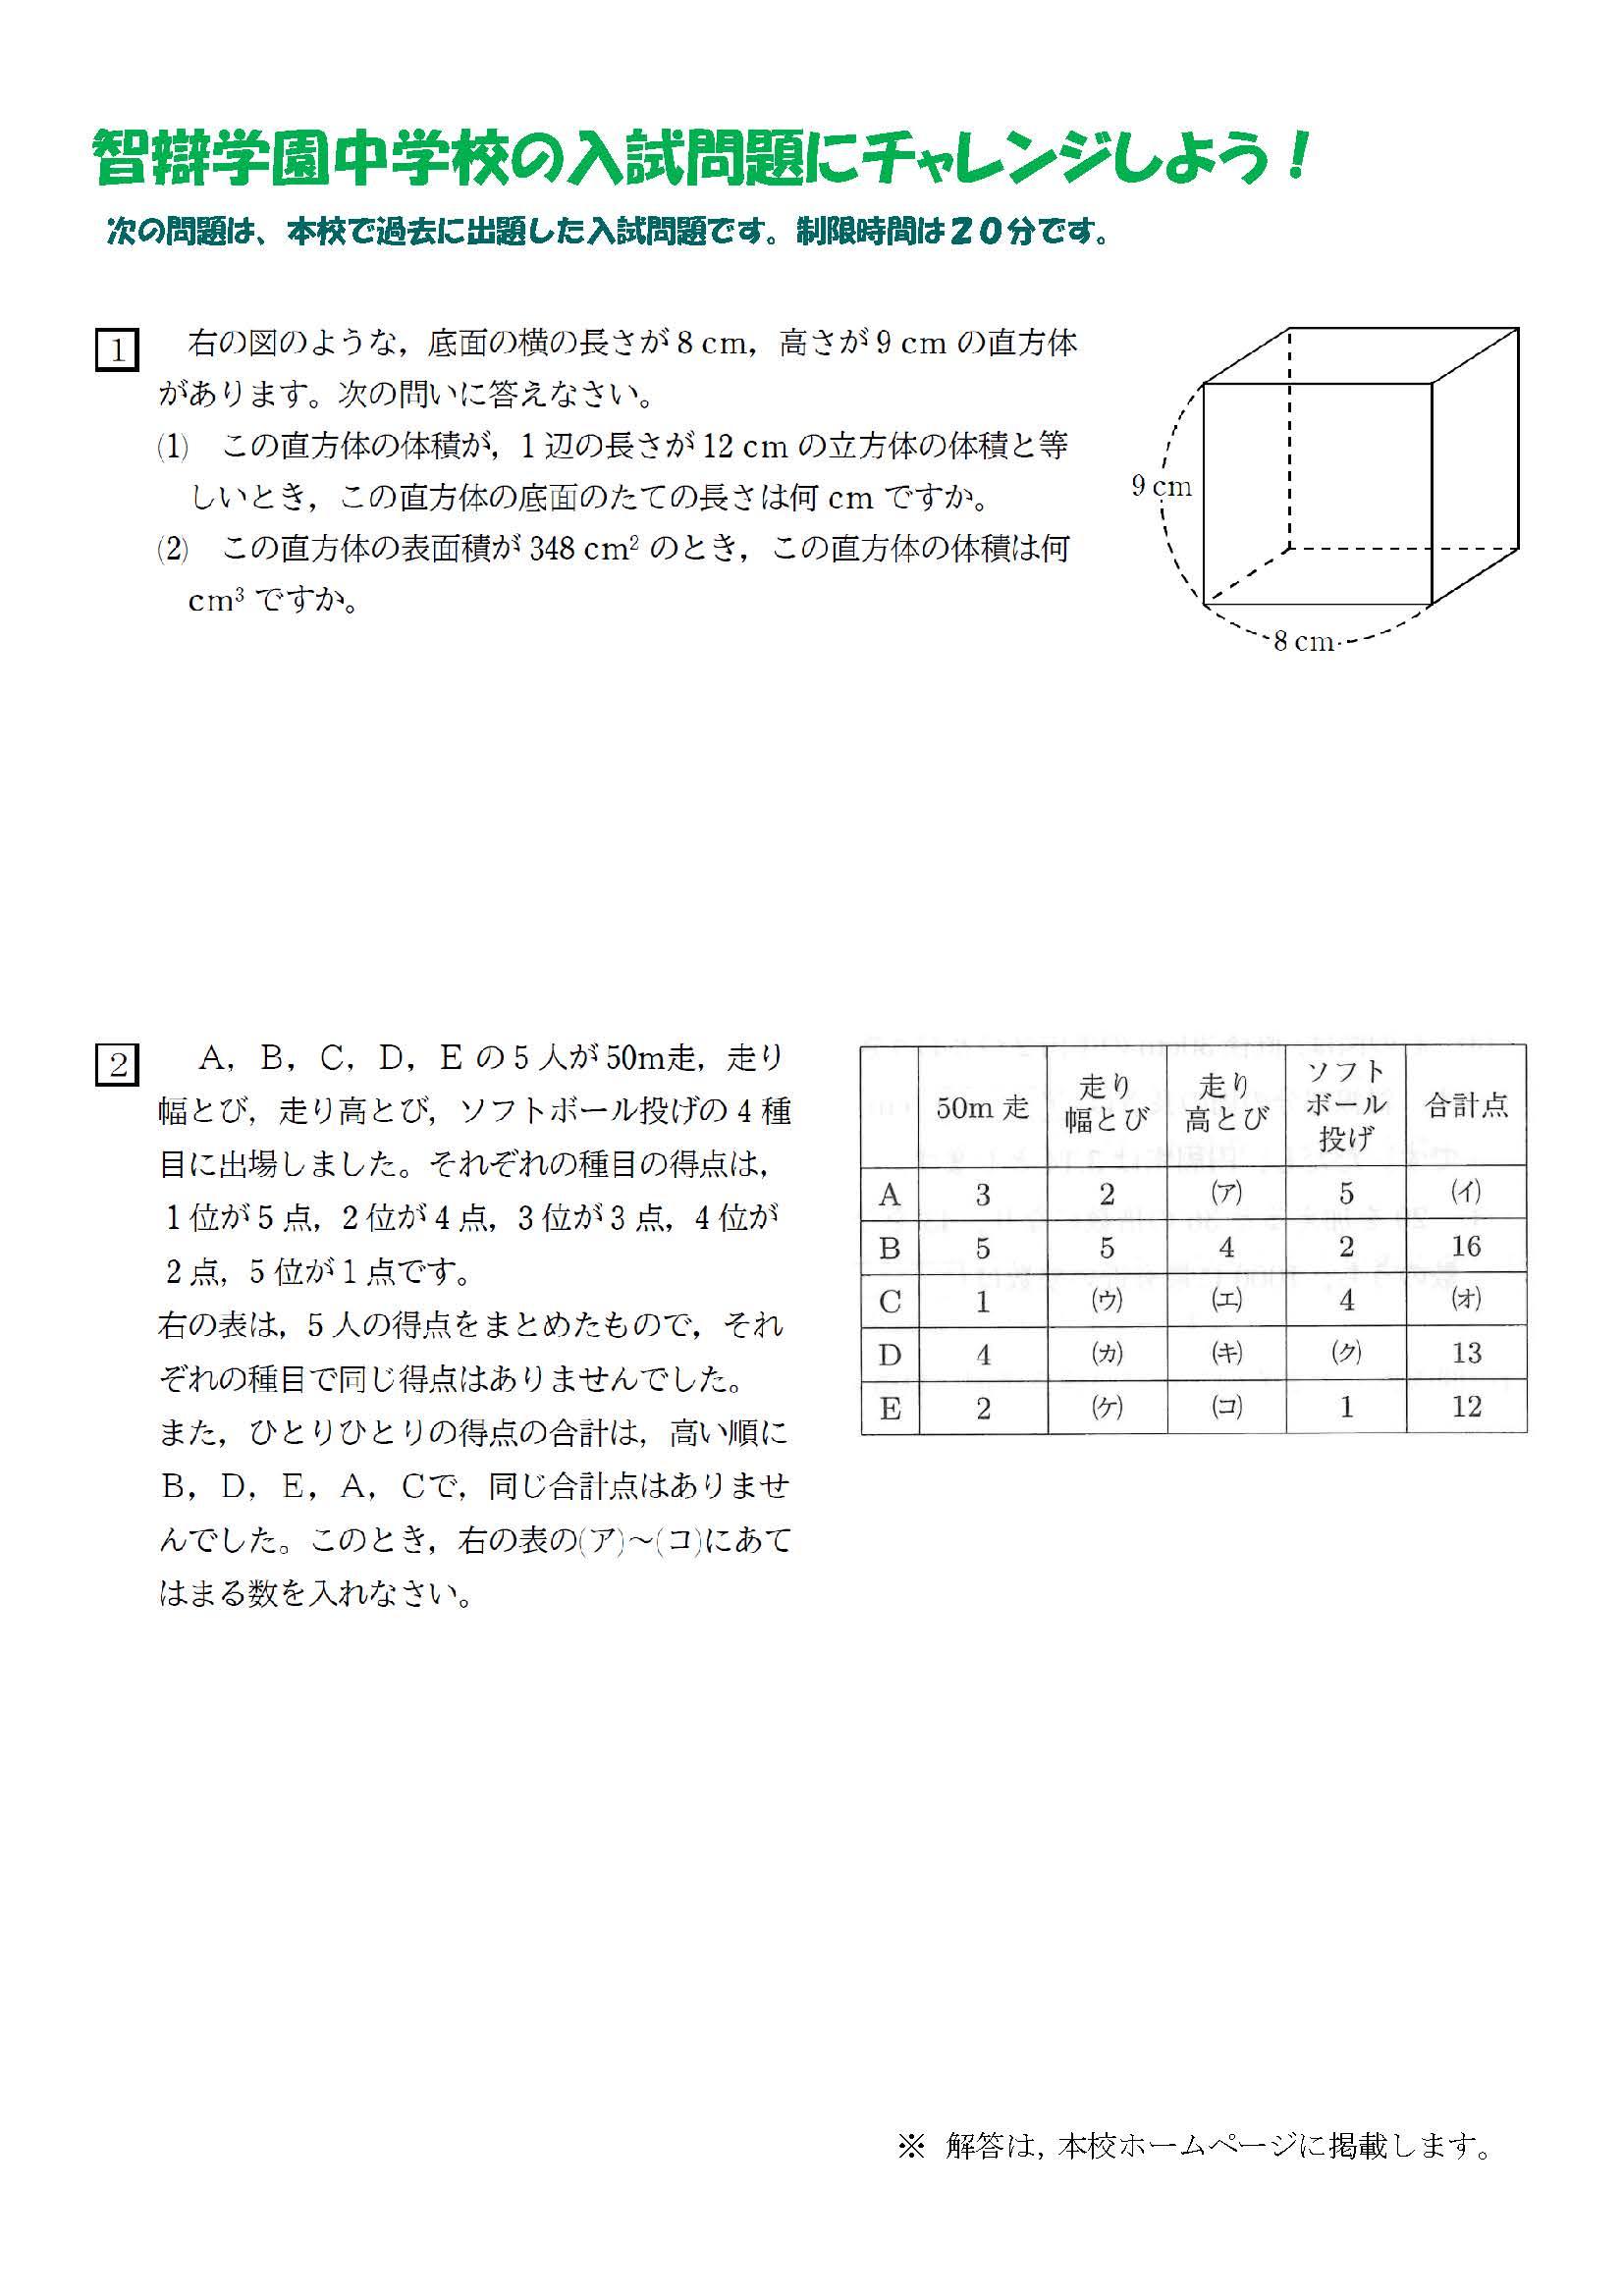 【中学校】「入試問題にチャレンジ!」(6/19)解答と解説